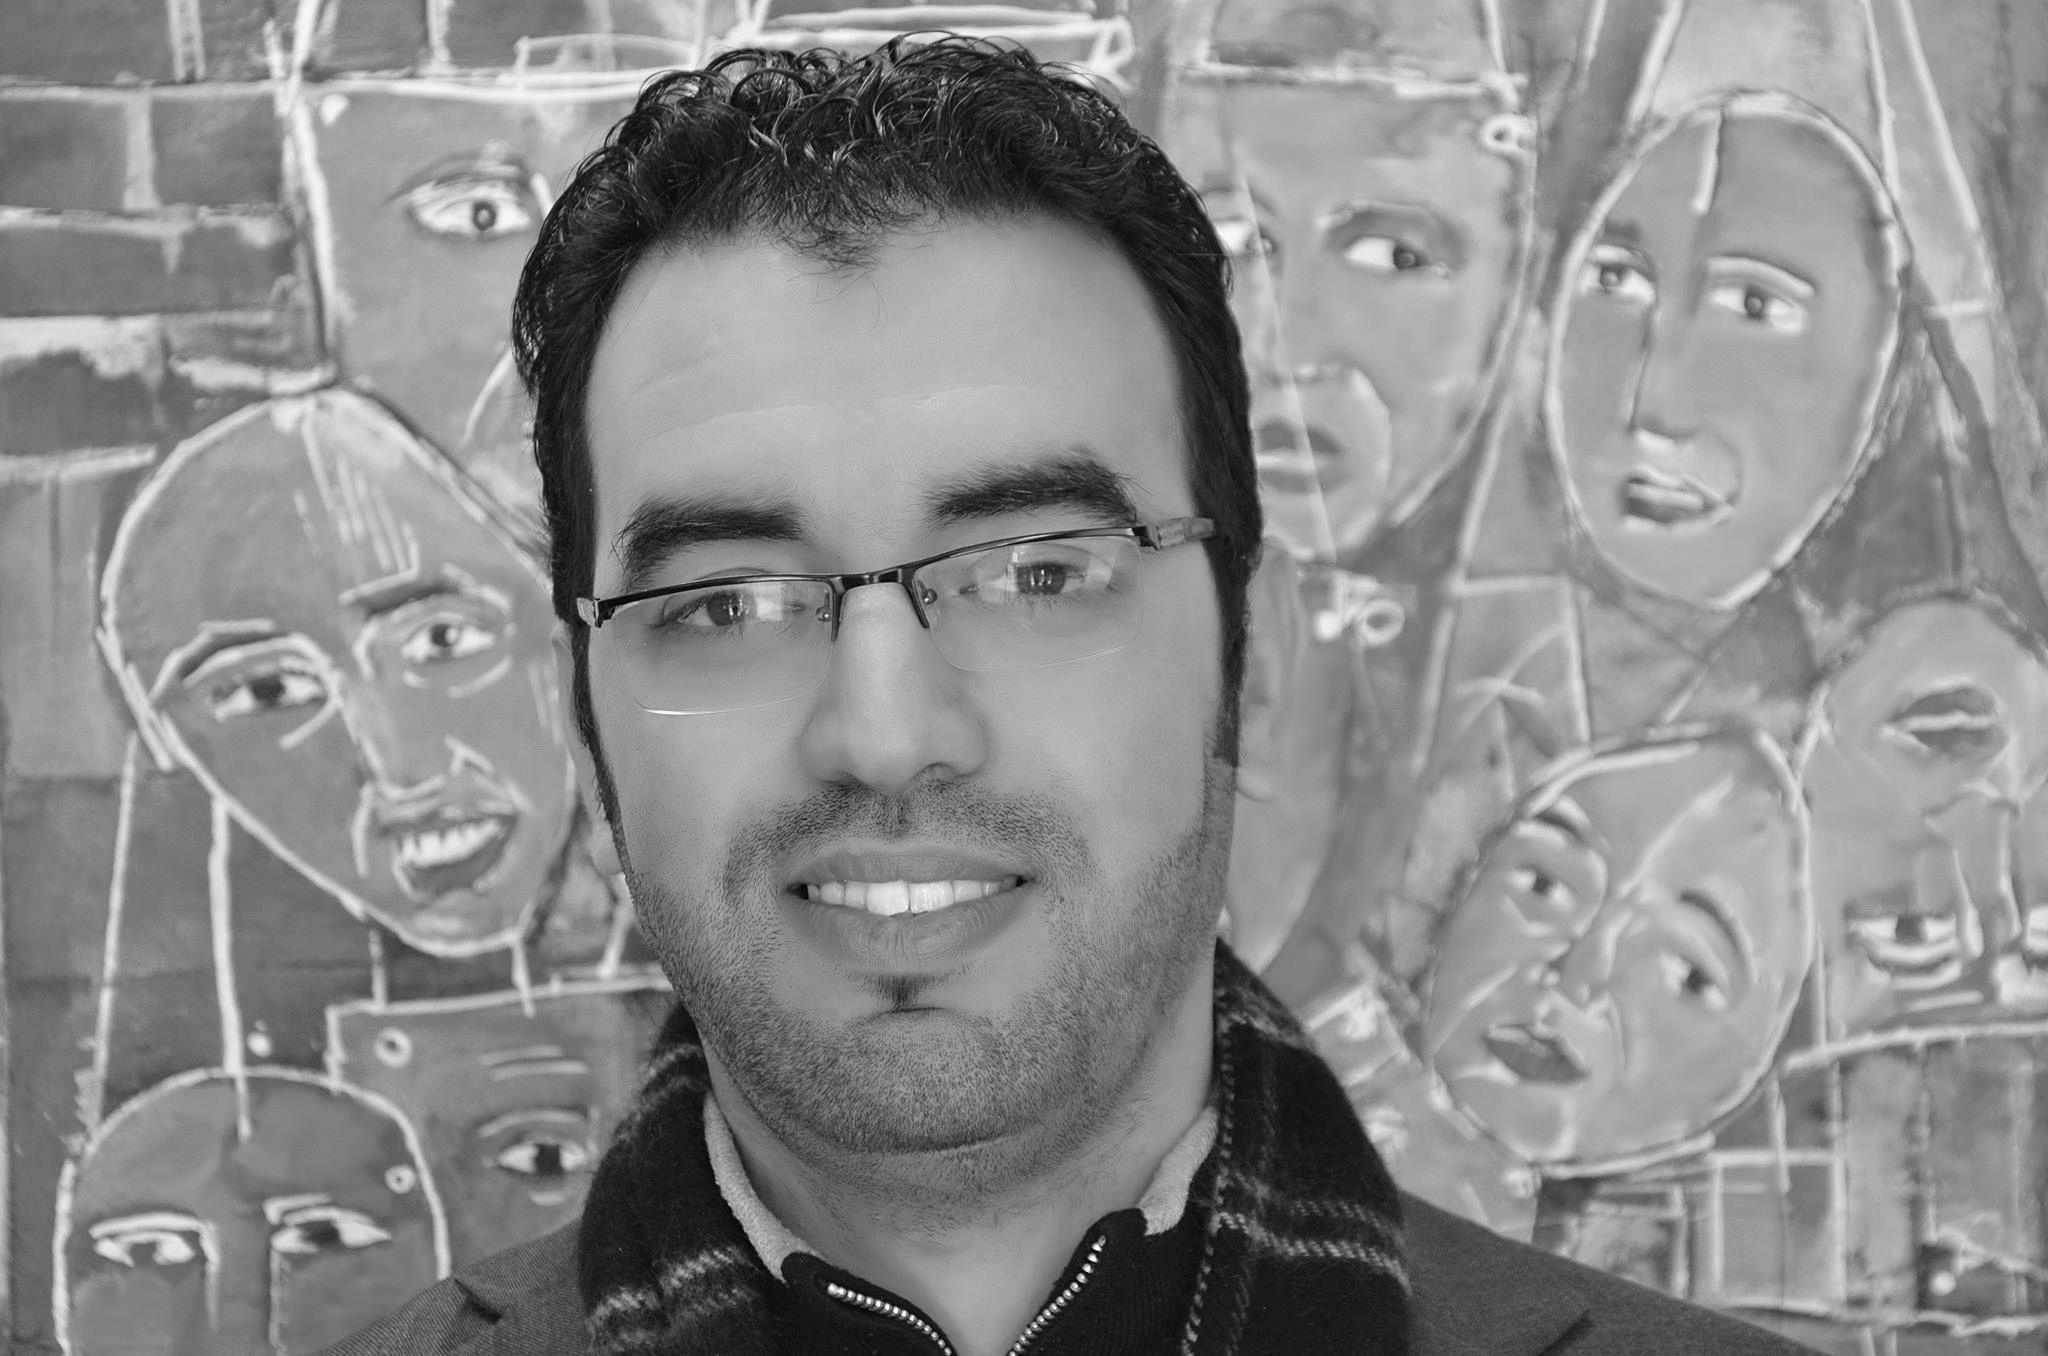 المهدي حميش Headshot